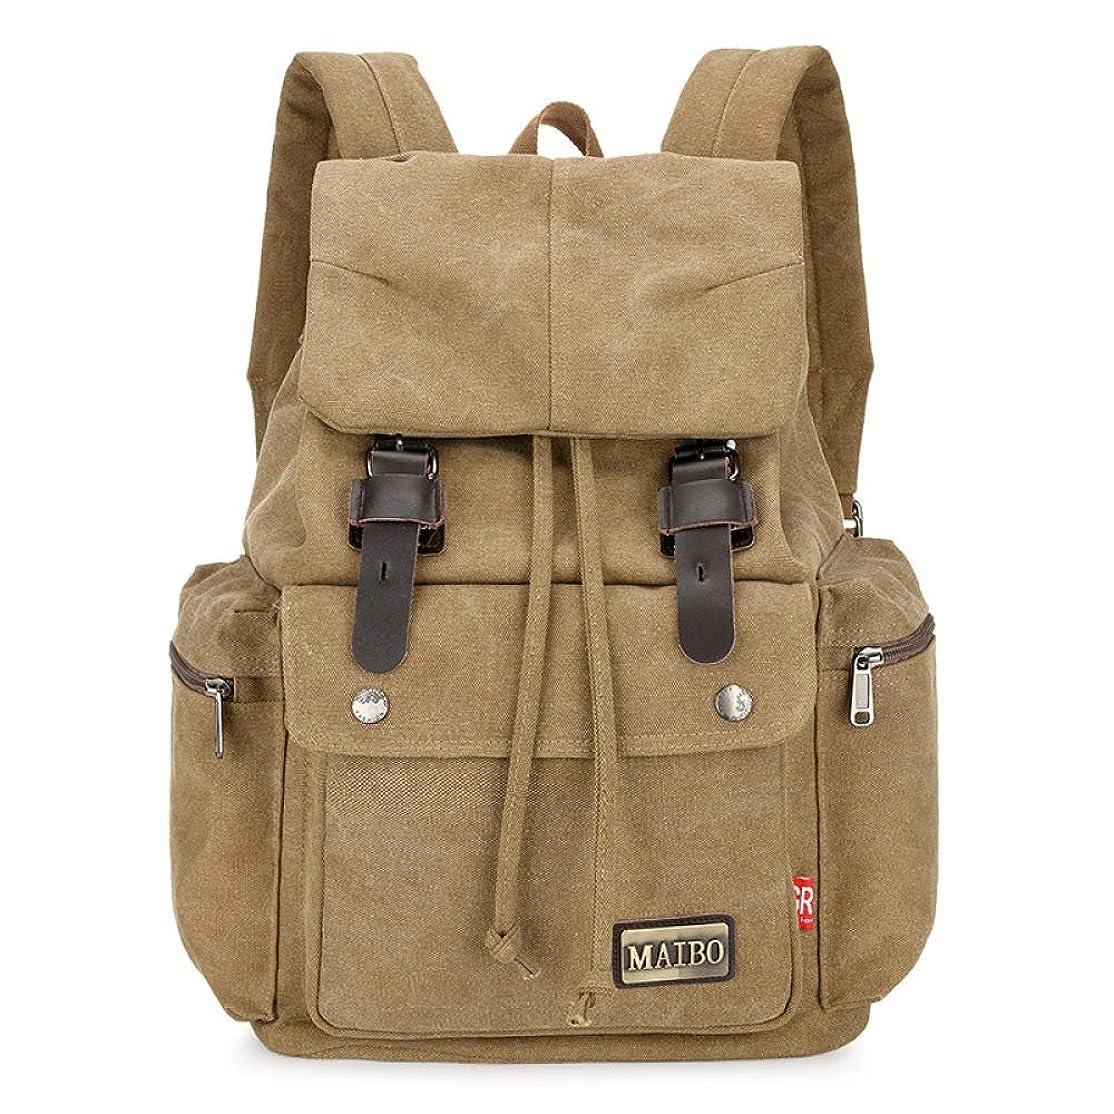 菊散歩大旅行バックパック男性女性多機能バックパック男性屋外荷物袋